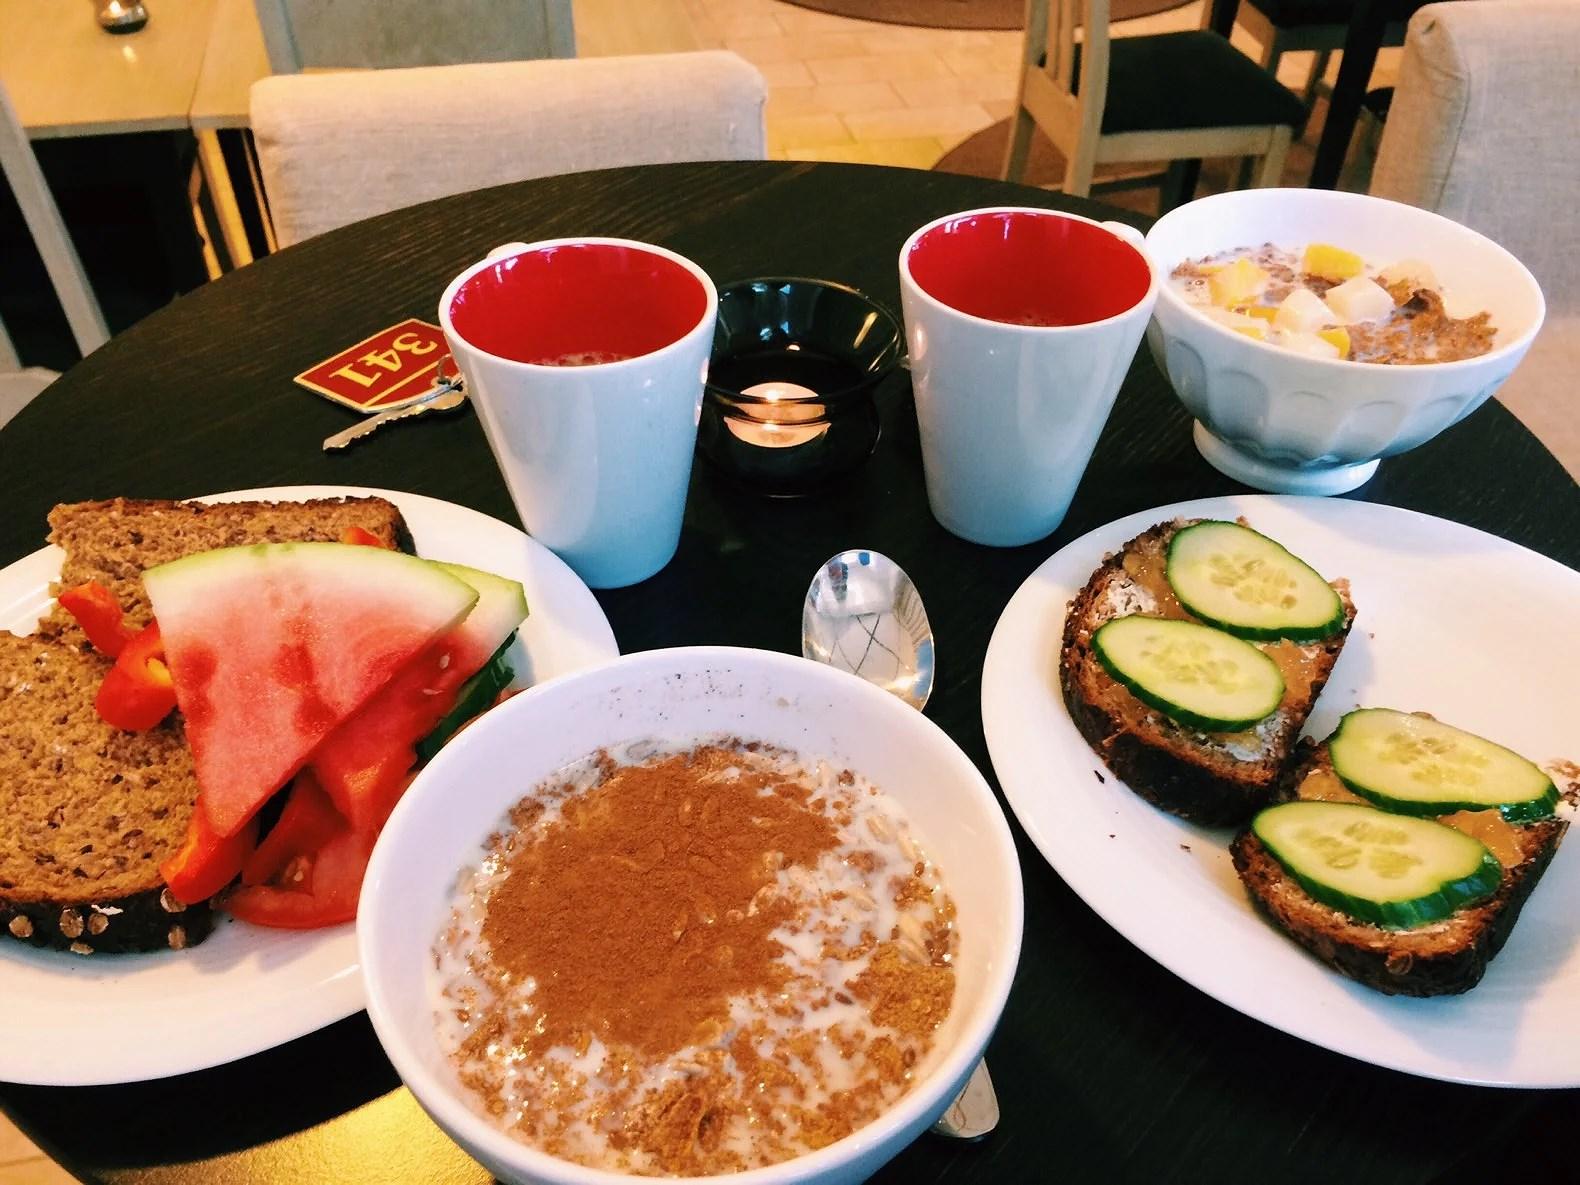 Vera och Vegas hotellfrukost i Västerås